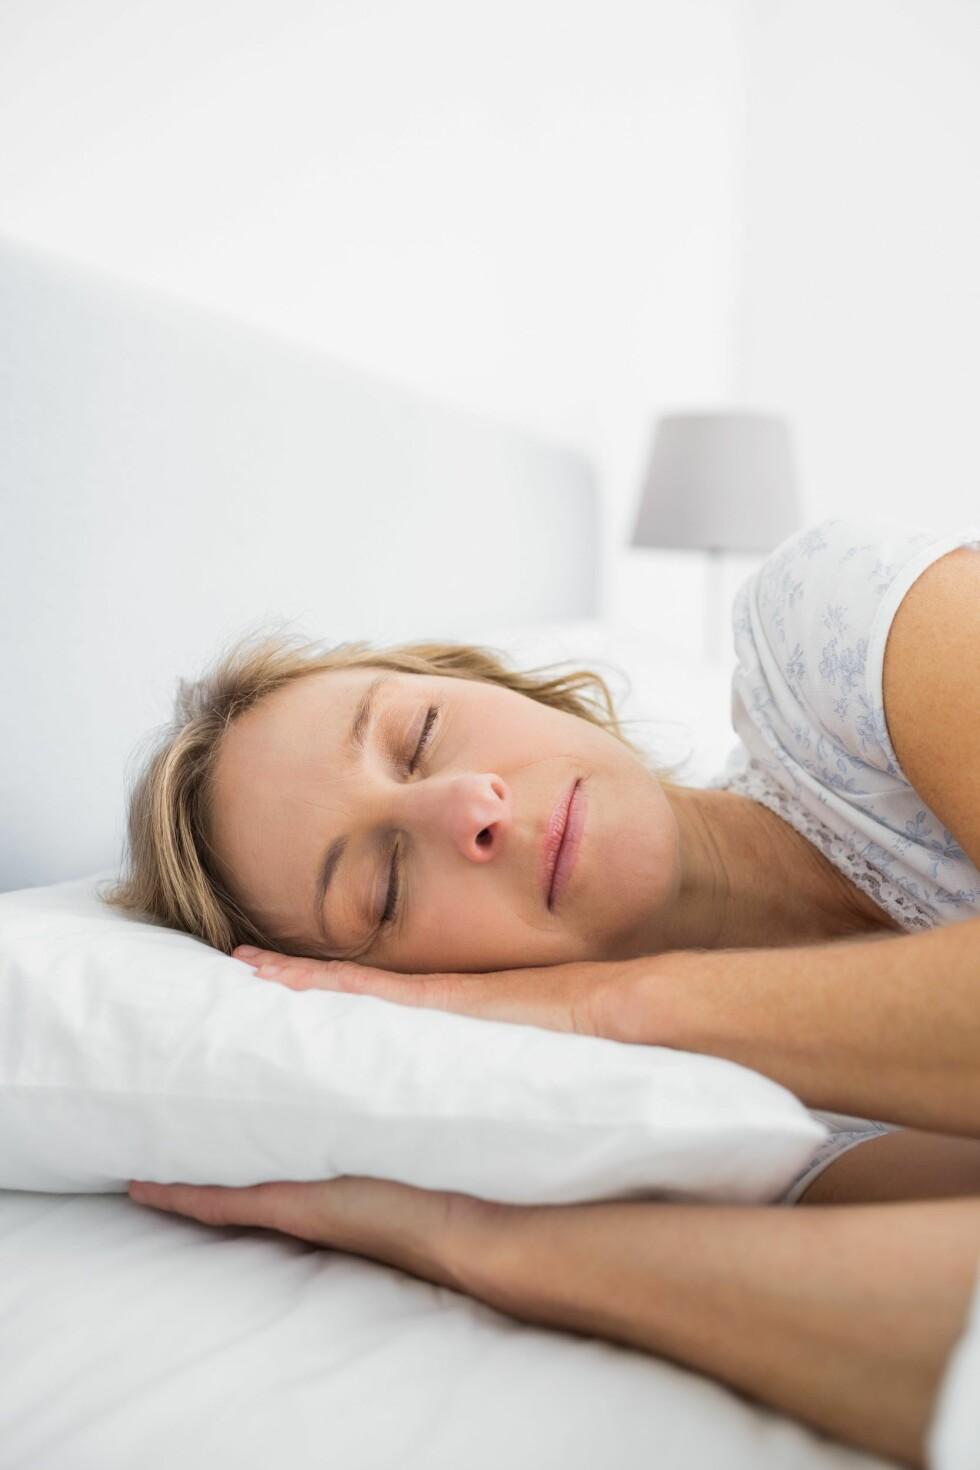 Derfor bør du bli kvitt den farlige snorkingen, og det er lettere enn du tror